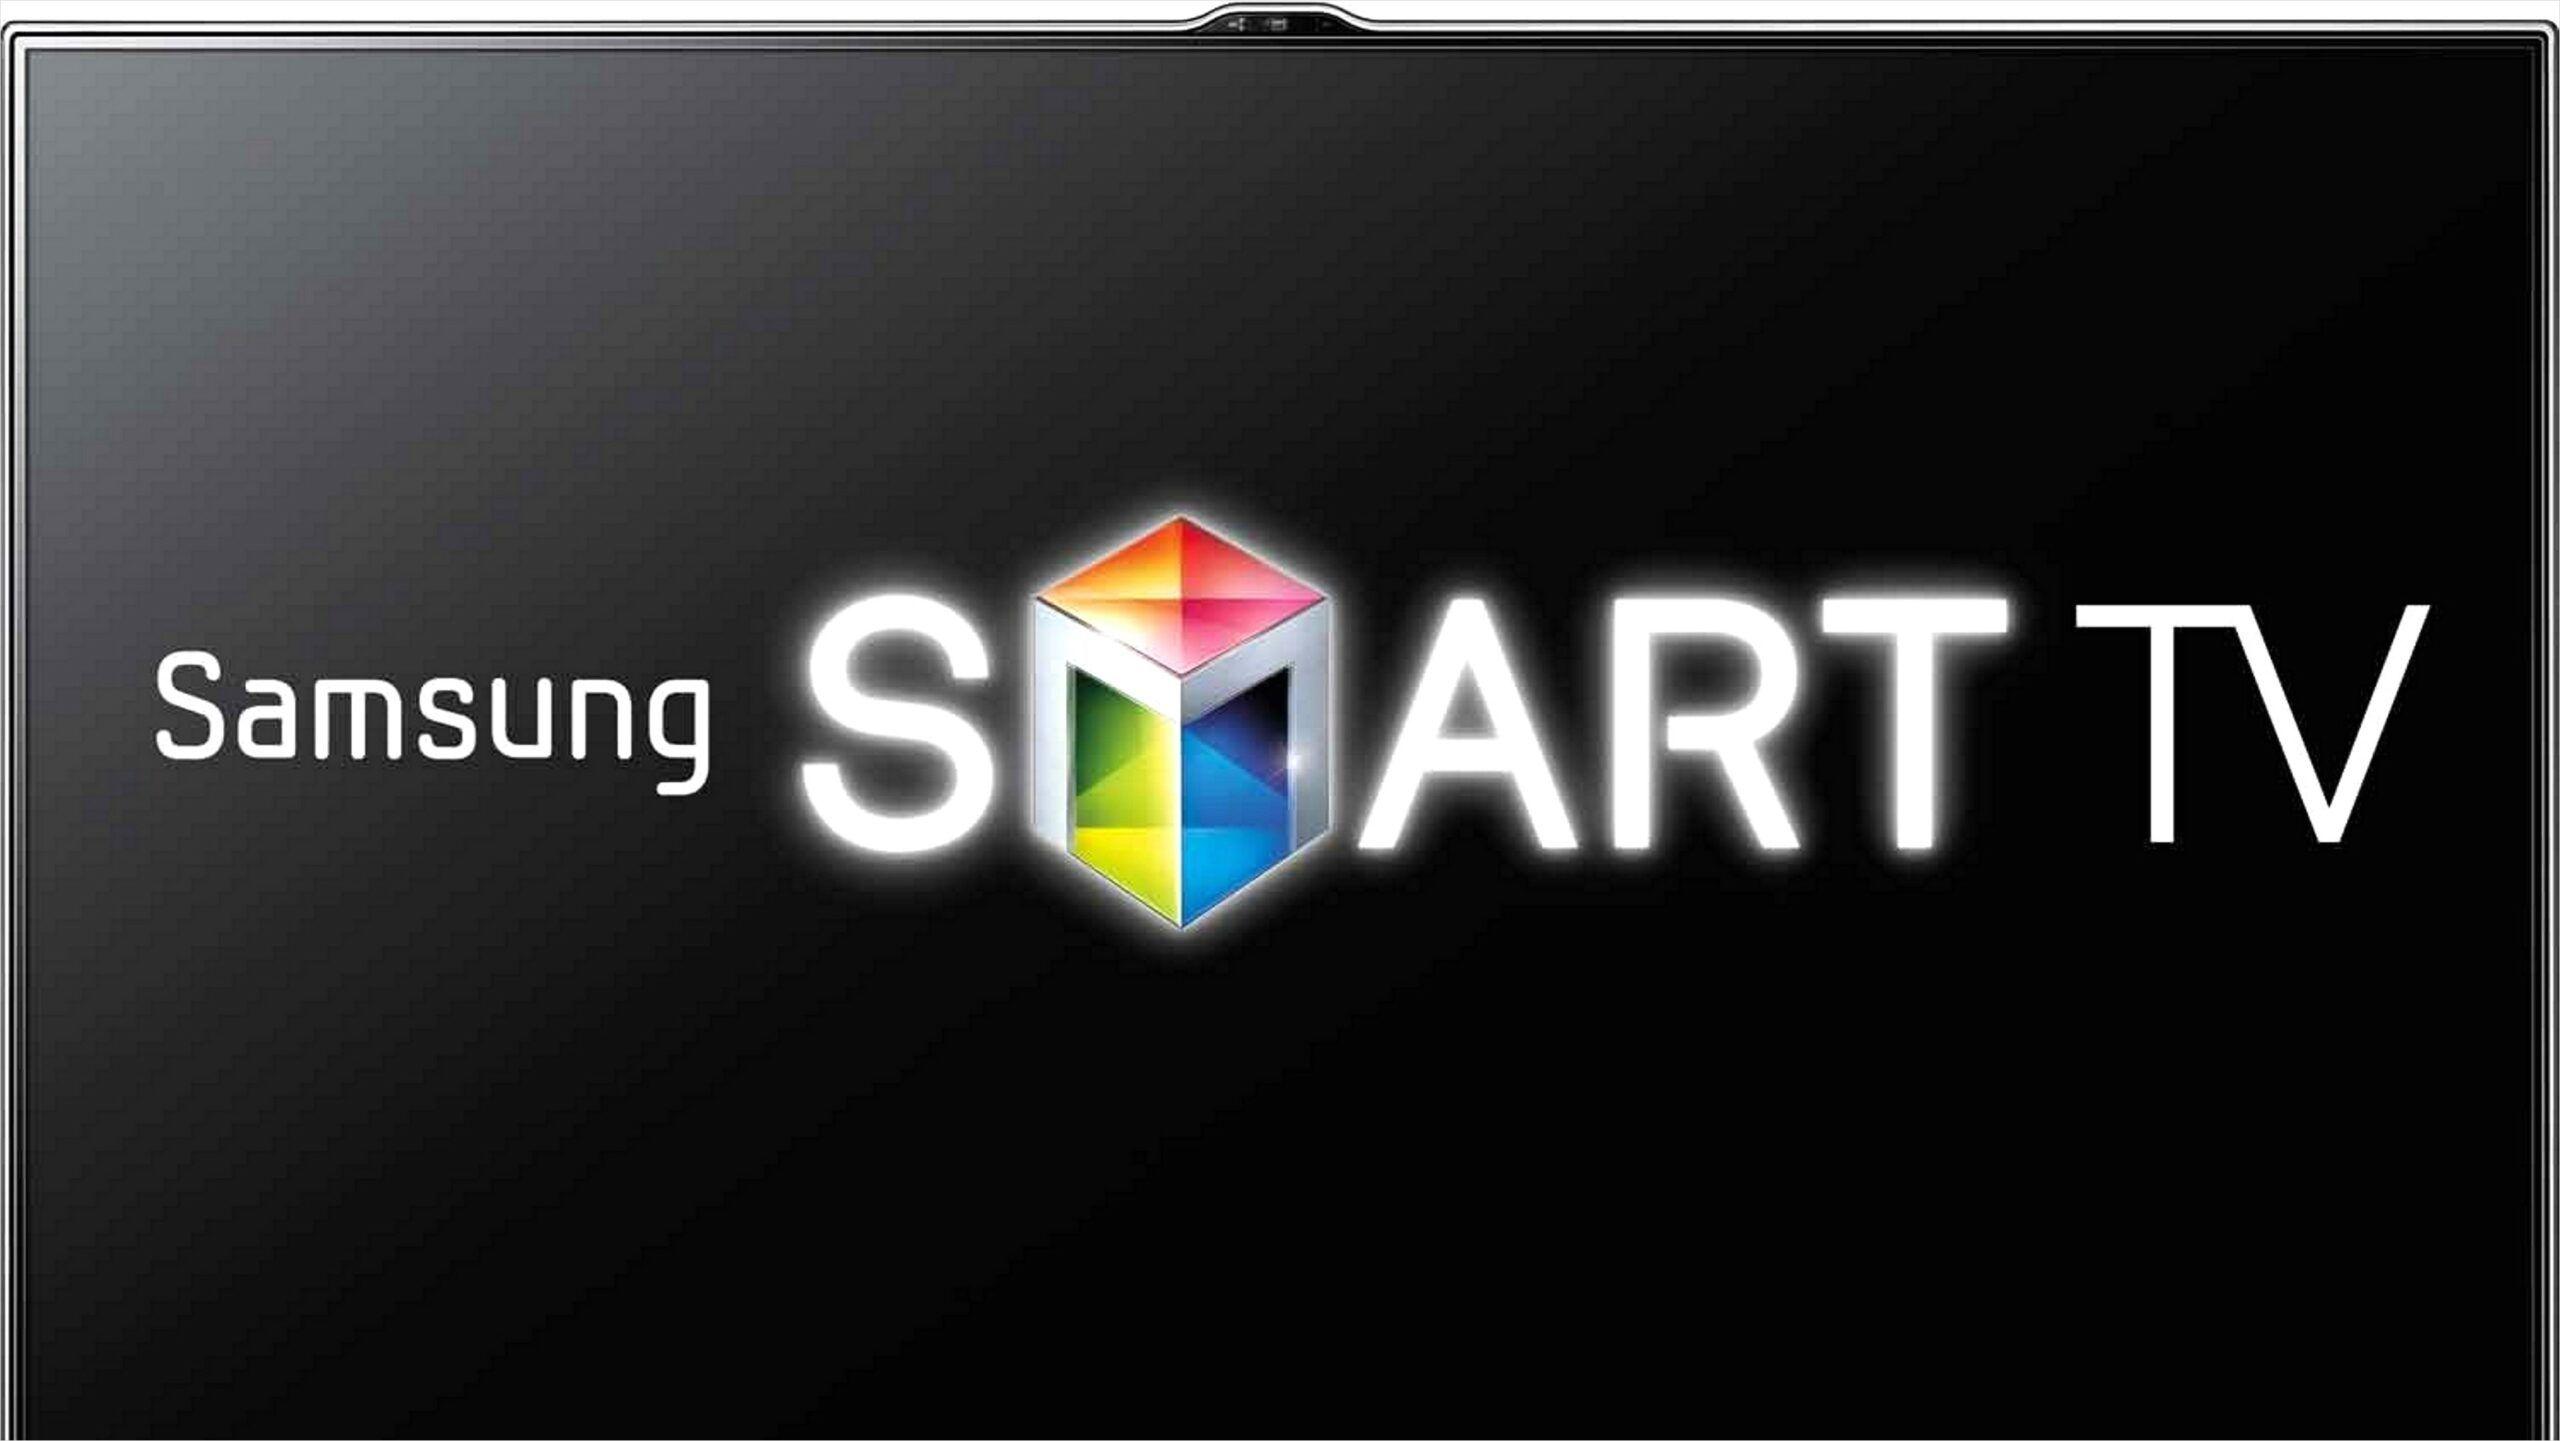 Samsung Wallpaper 4k Tv In 2020 Led Tv Samsung Wallpaper Samsung Smart Tv